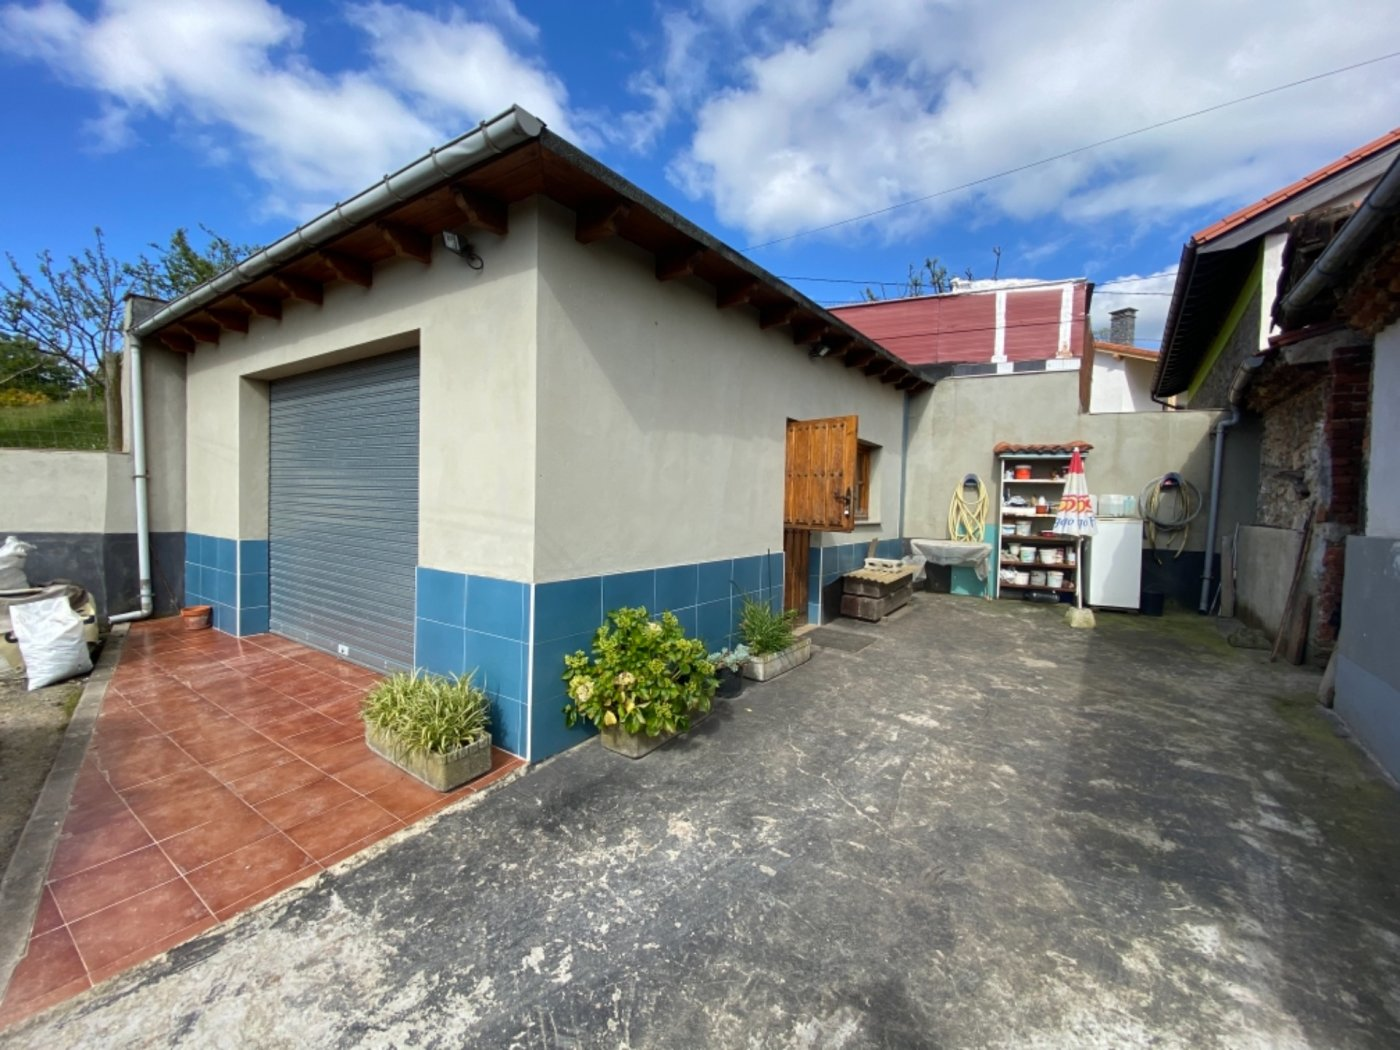 Casa zona piscinas de siero - imagenInmueble4